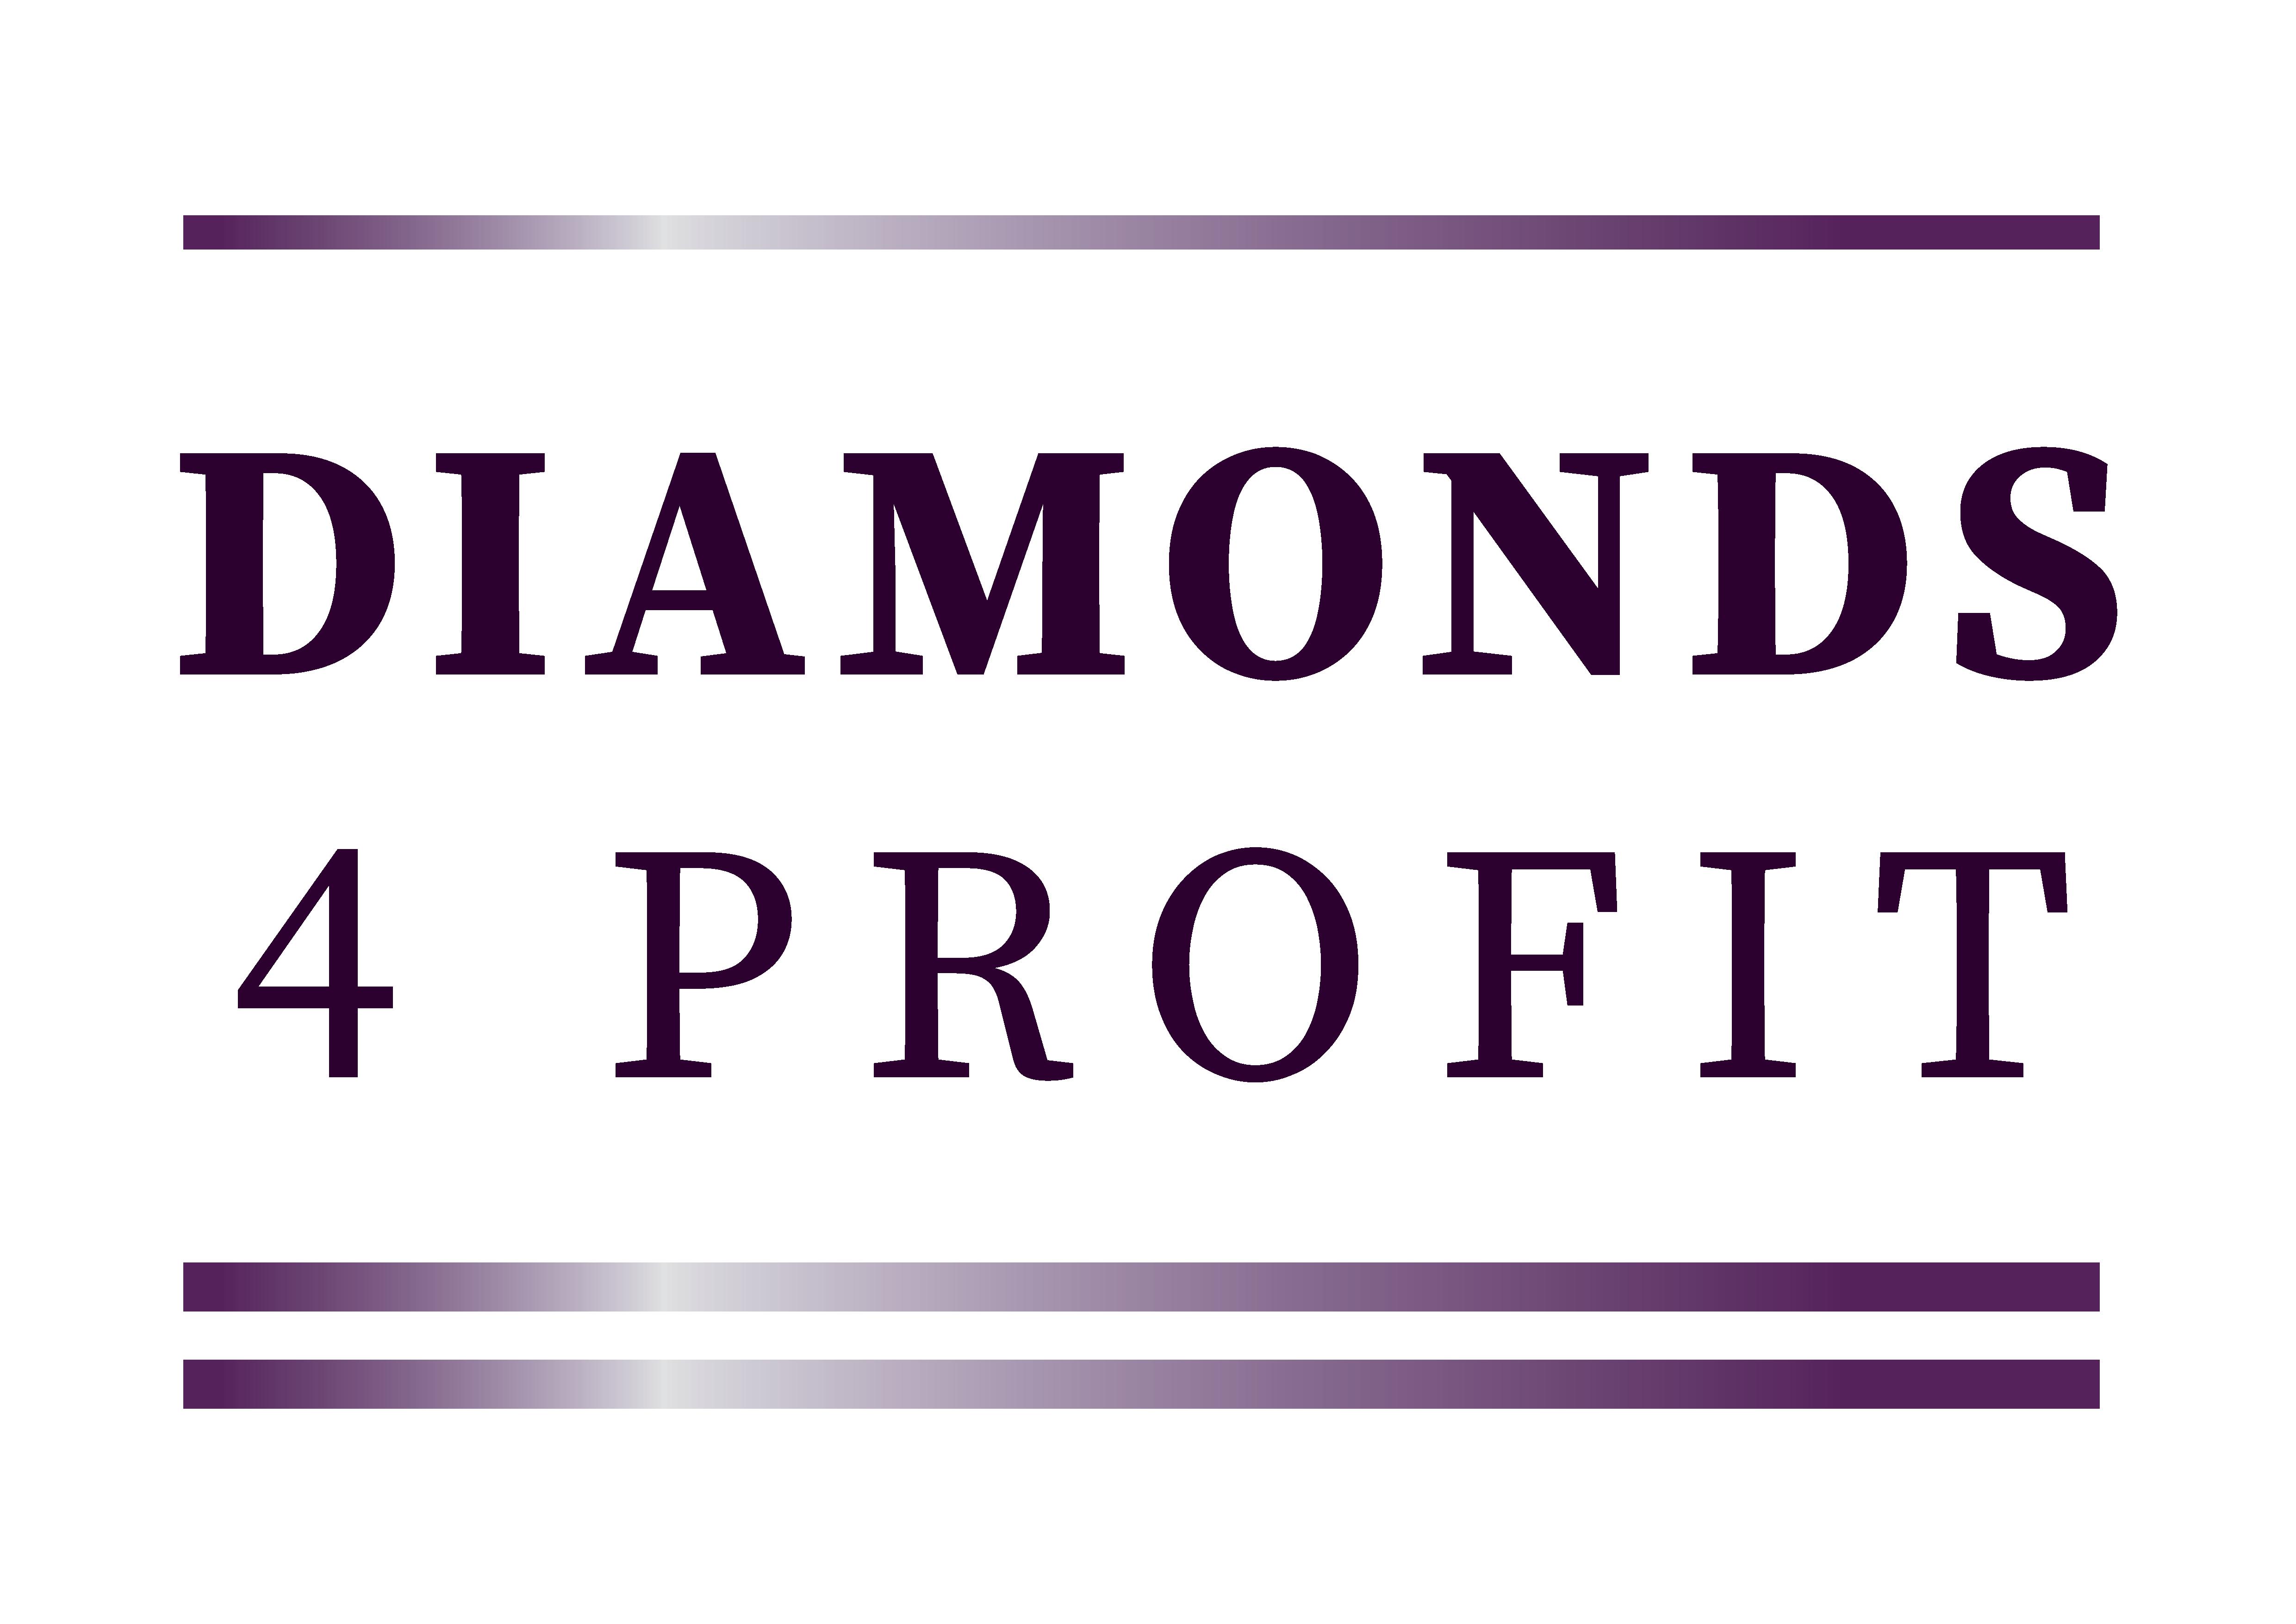 diamonds4profit.com